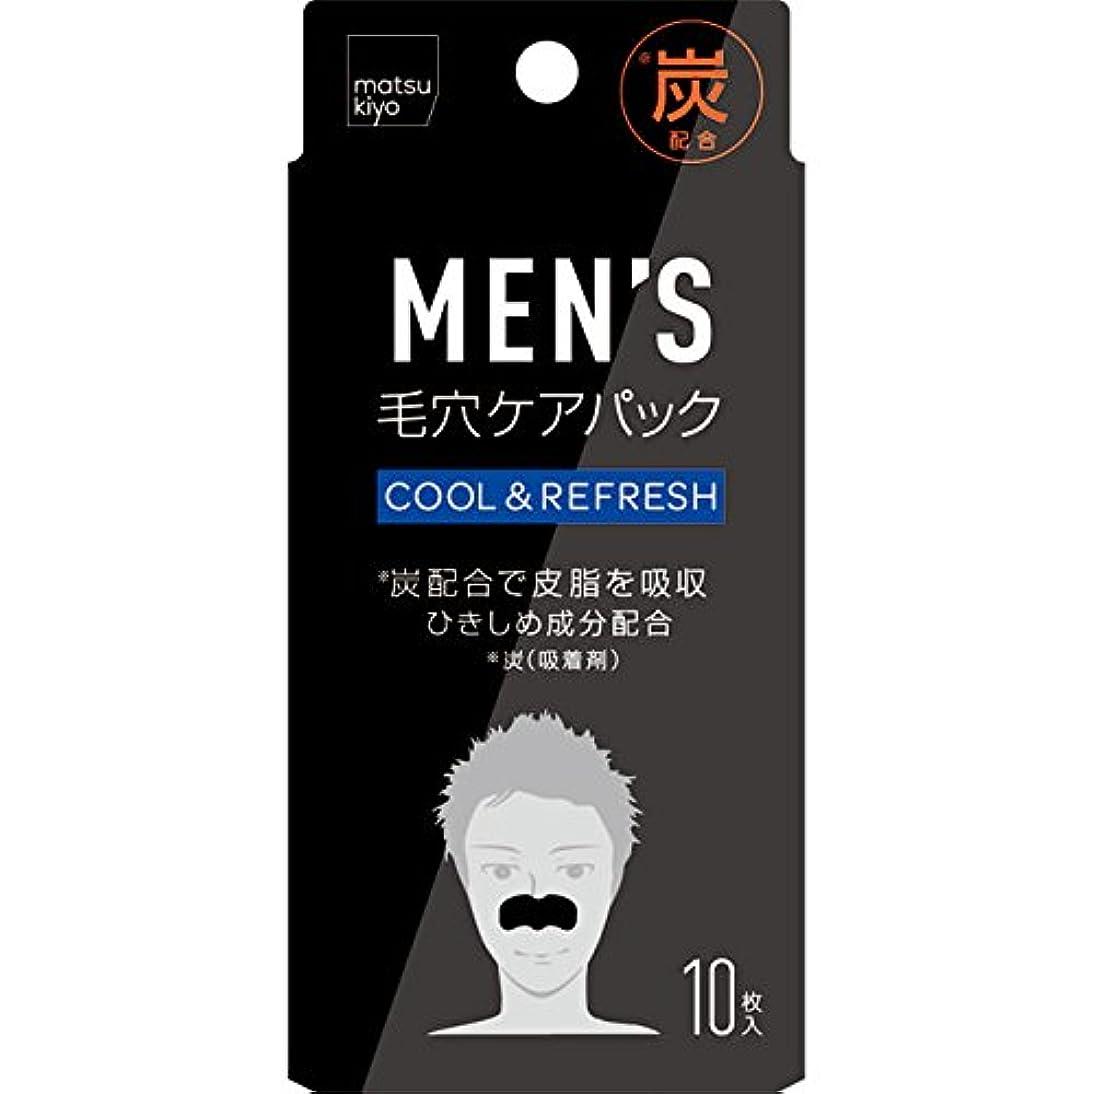 キノコロデオ虹白金製薬 matsukiyo MEN'S毛穴パック炭 10枚入